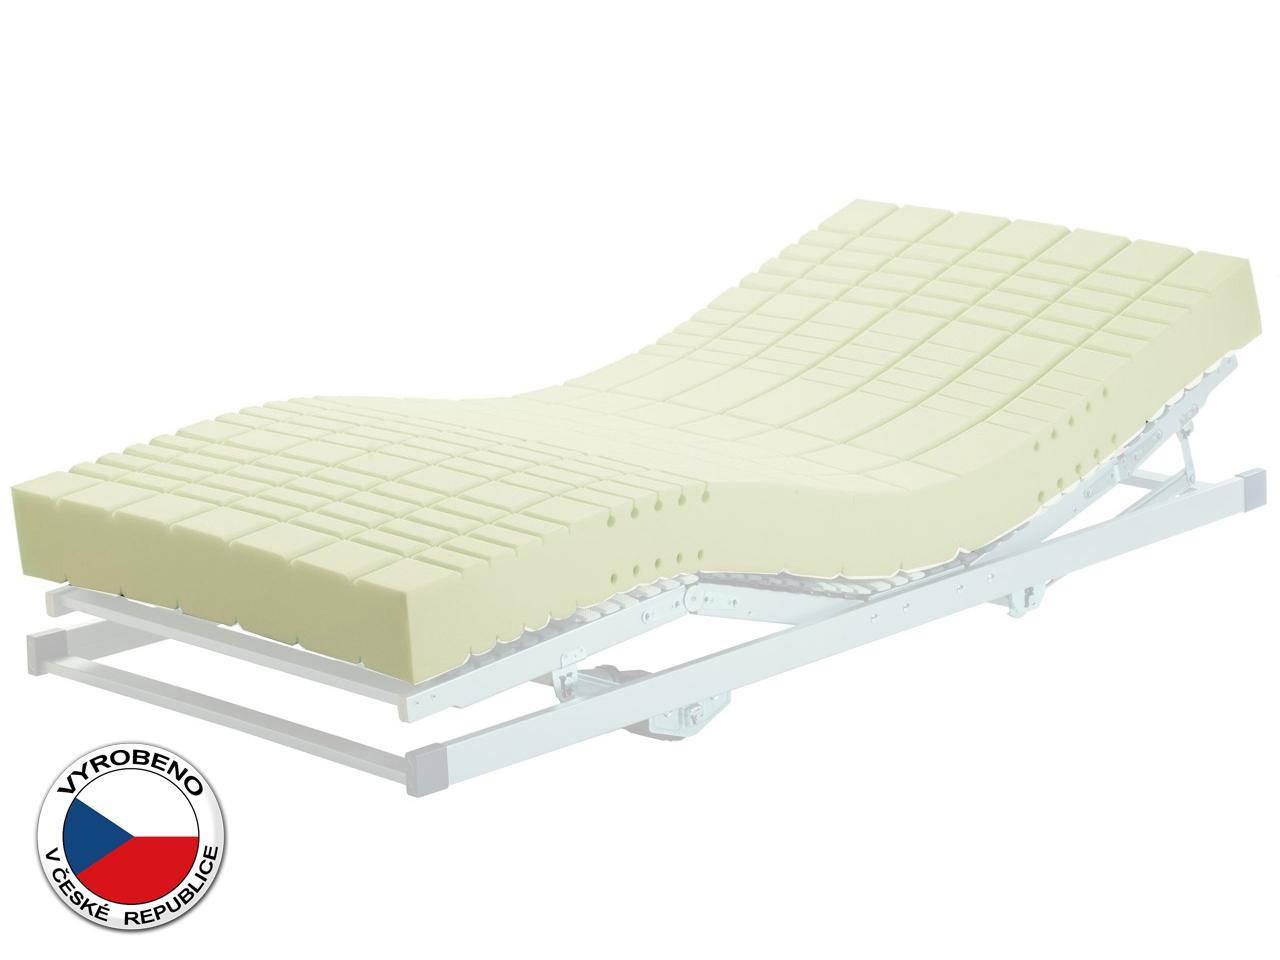 Pěnová matrace - Purtex - Lucy - 195x80 cm (T4). Luxusní a výhodná zdravotní matrace se snímatelným potahem, pružnou PUR pěnou se zvýšenou nosností a podélnou a příčnou profilací.